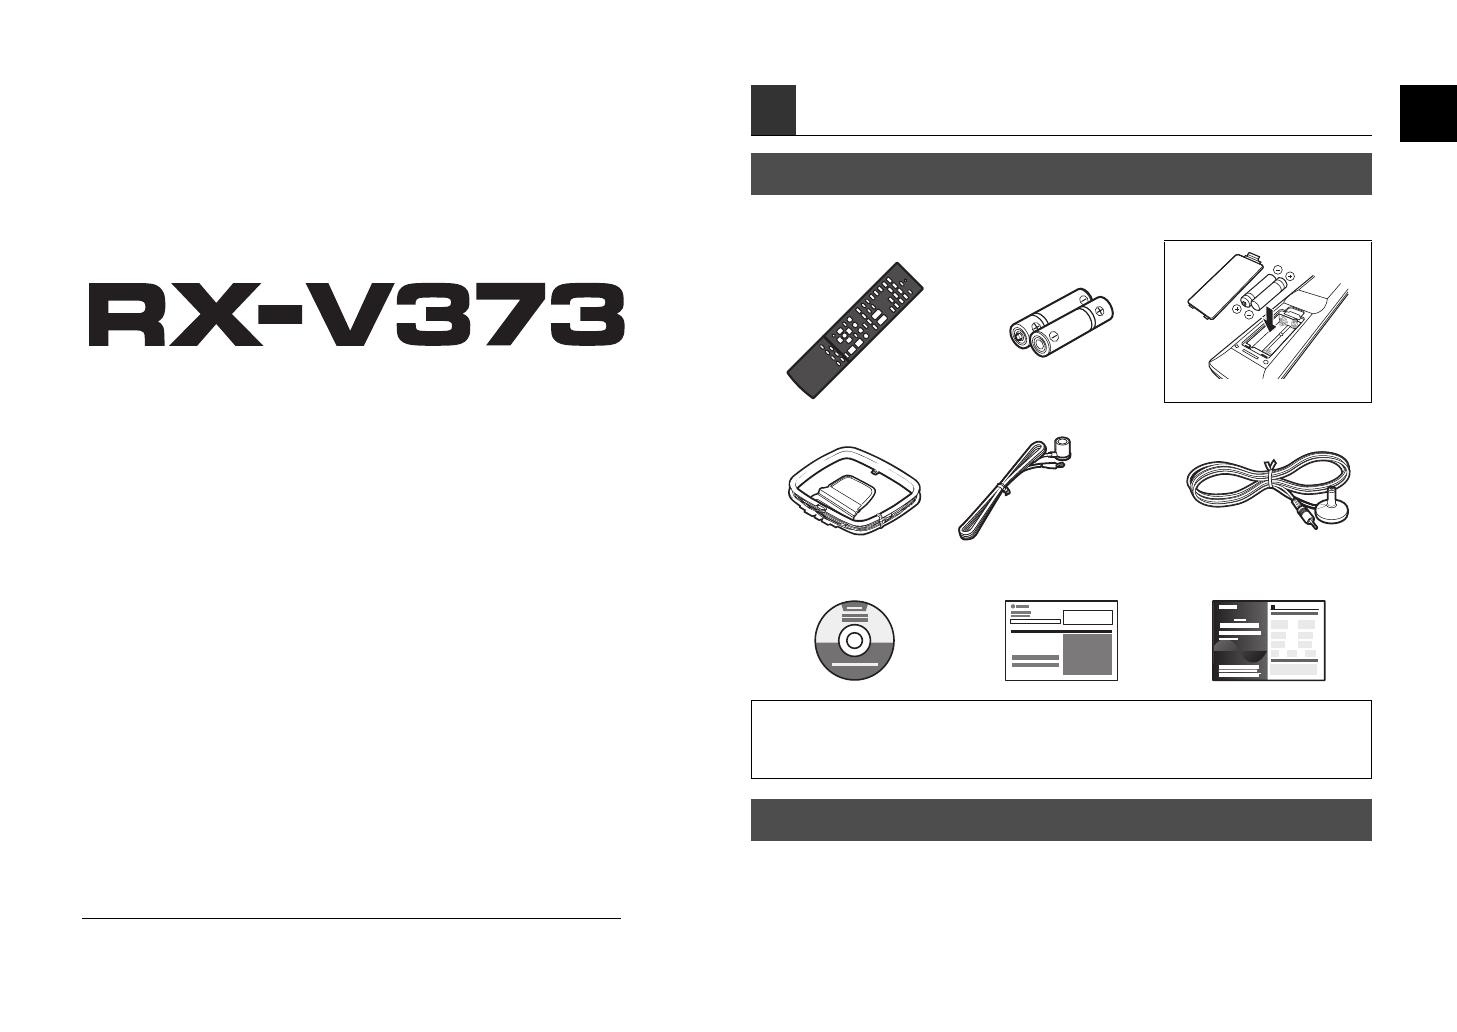 Bedienungsanleitung Yamaha RX-V373 (Seite 2 von 58) (Deutsch, Englisch,  Spanisch, Französisch, Italienisch, Holländisch, Schwedisch)